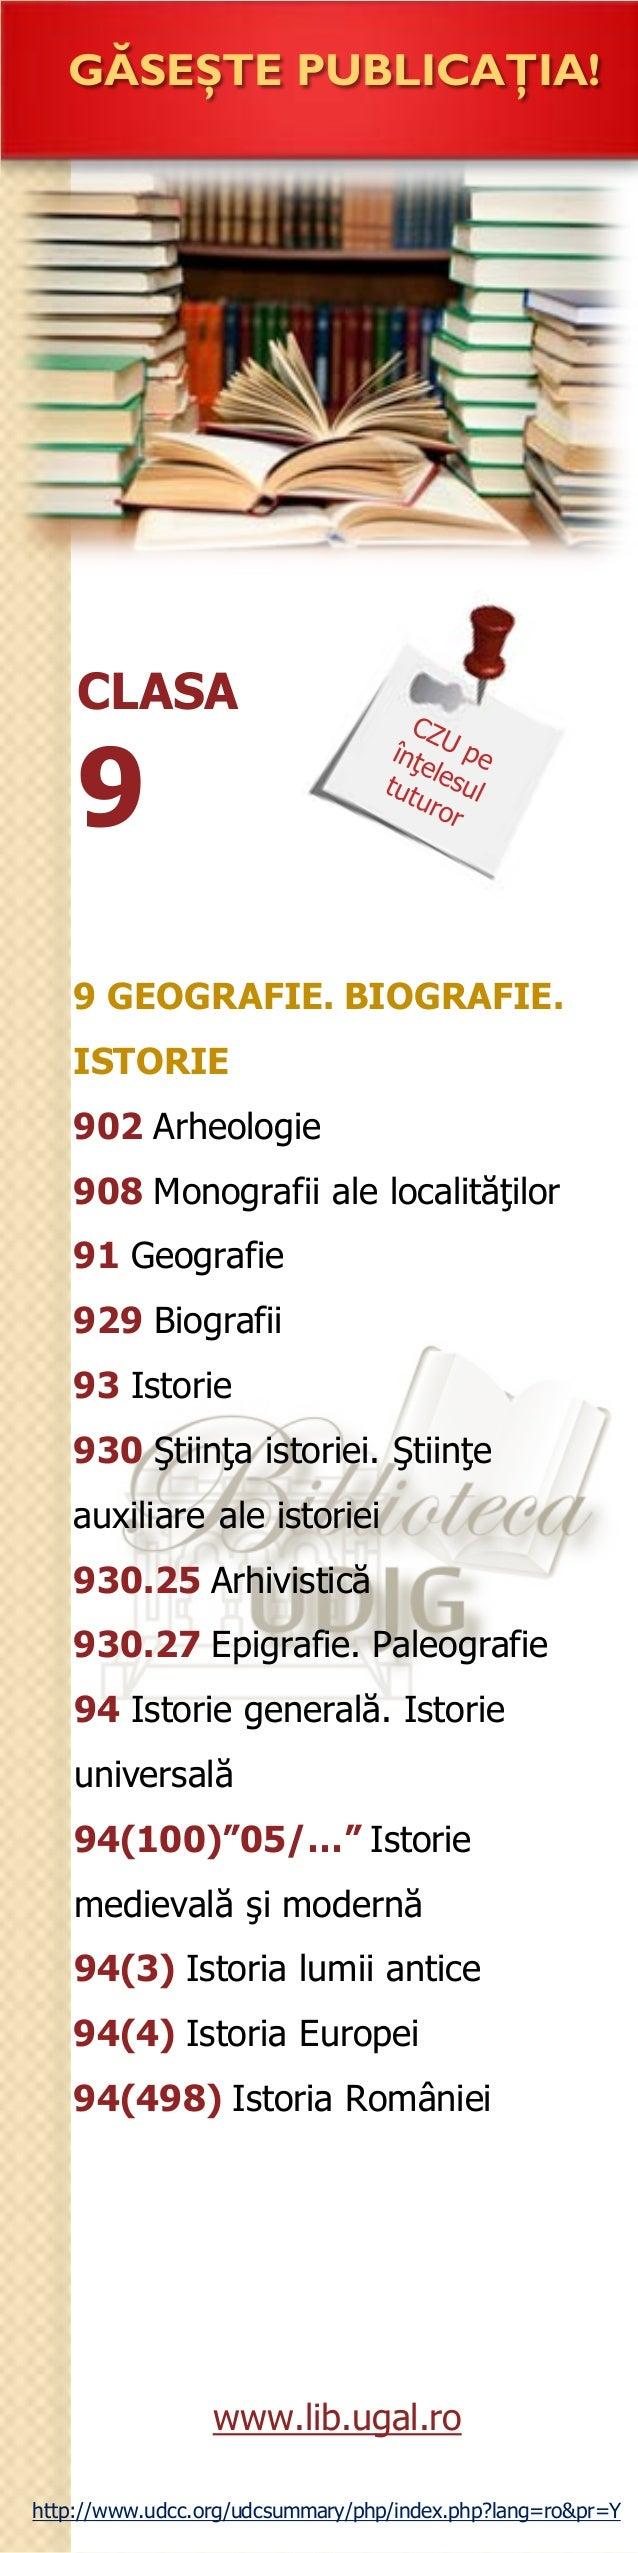 CLASA 9 GĂSEŞTE PUBLICAŢIA! 9 GEOGRAFIE. BIOGRAFIE. ISTORIE 902 Arheologie 908 Monografii ale localităţilor 91 Geografie 9...